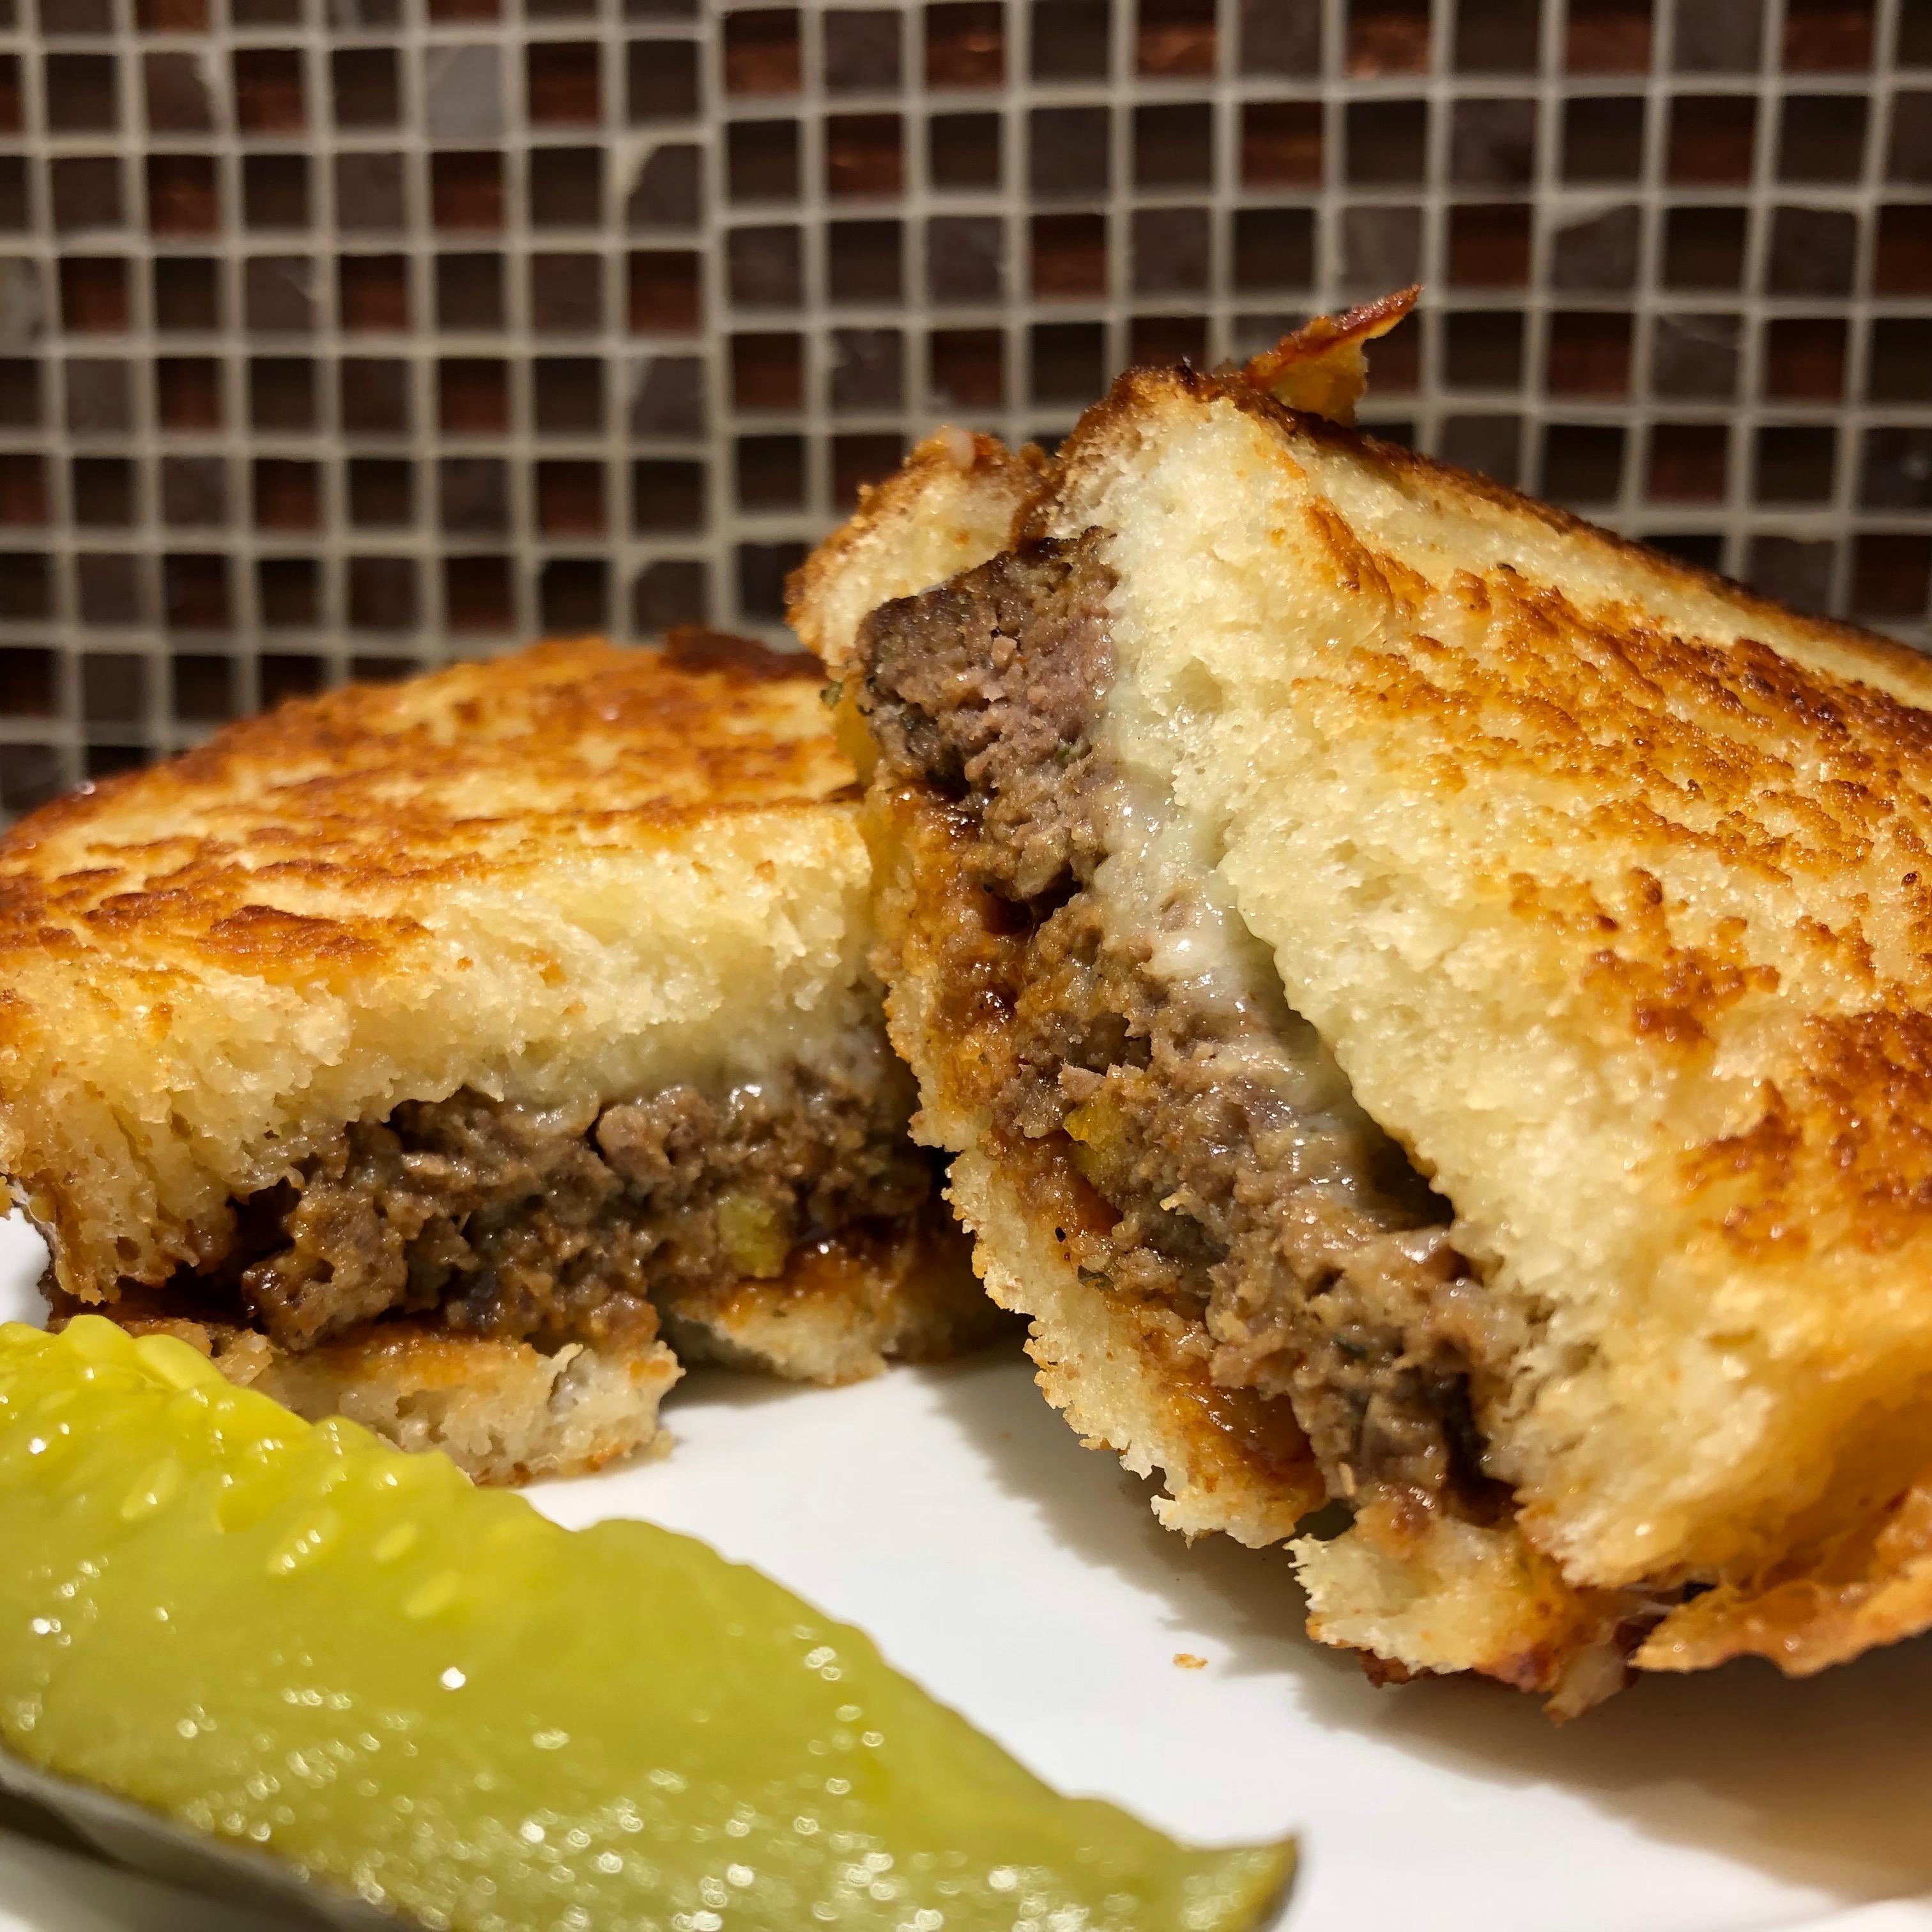 Day After Delectables: Grilled Meatloaf & Cheddar via @susanmylovingoven.com